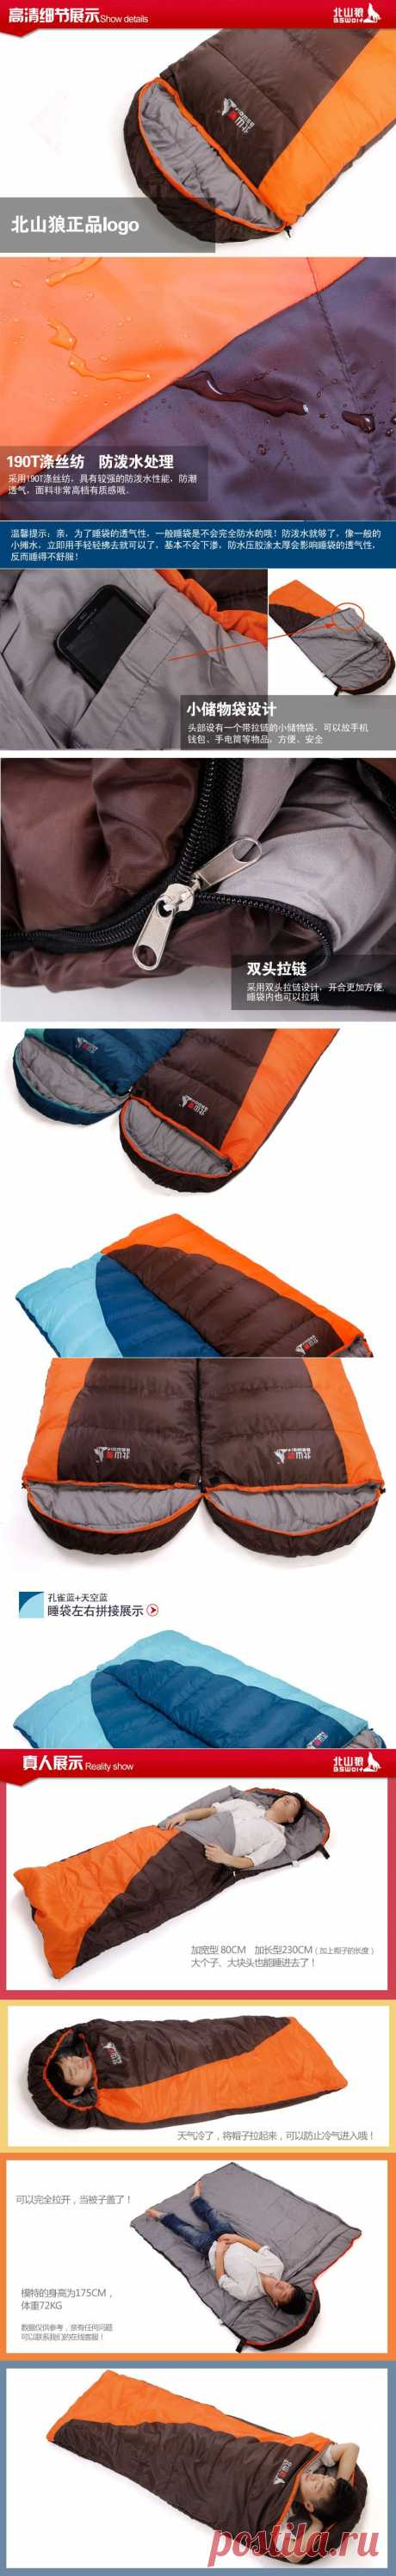 Спальный мешок 3000 сом на заказ